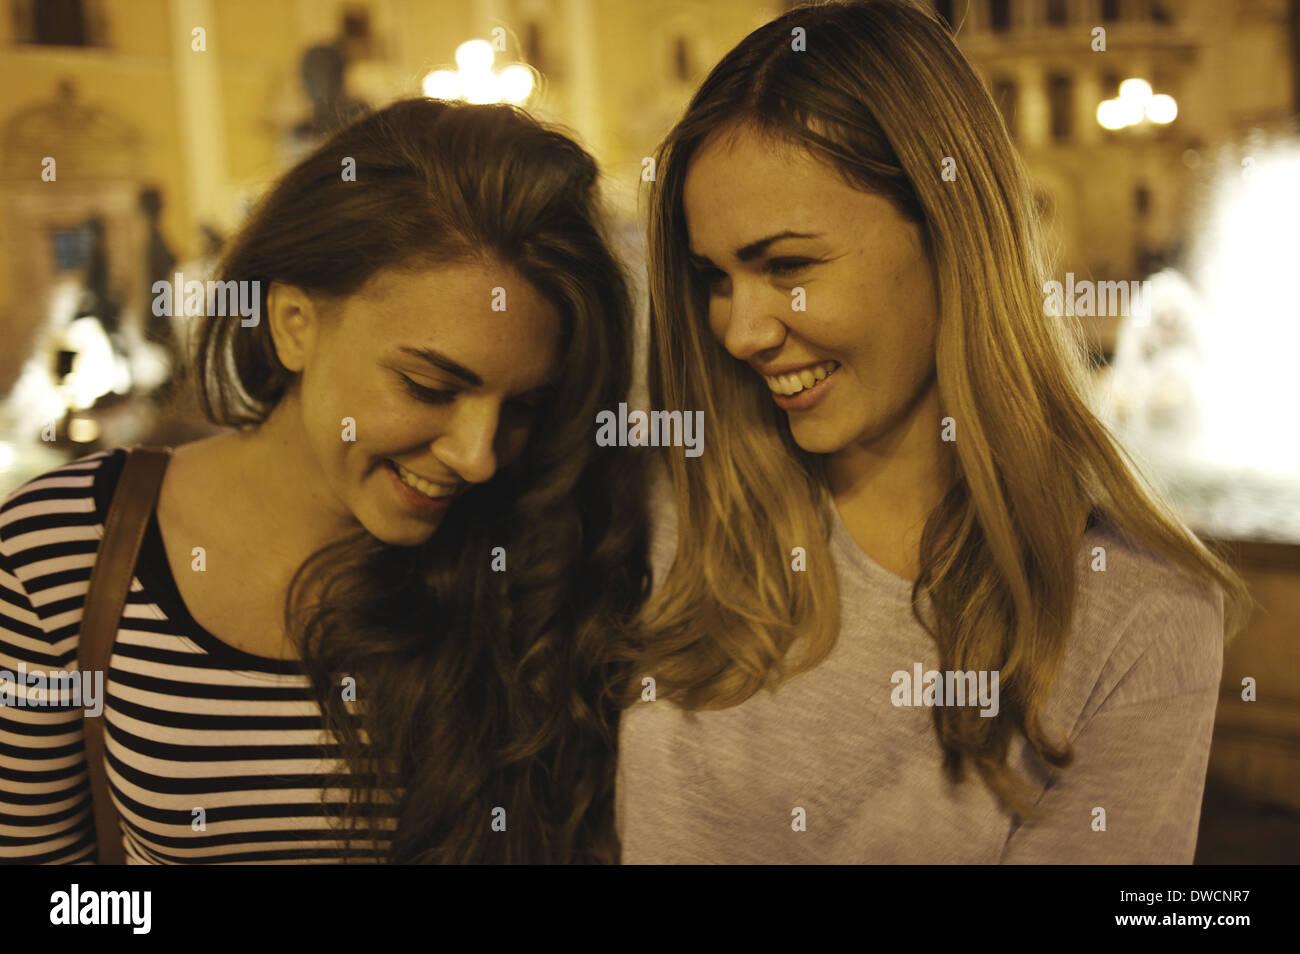 Two young women tourists, Plaza de la Virgen, Valencia, Spain Stock Photo